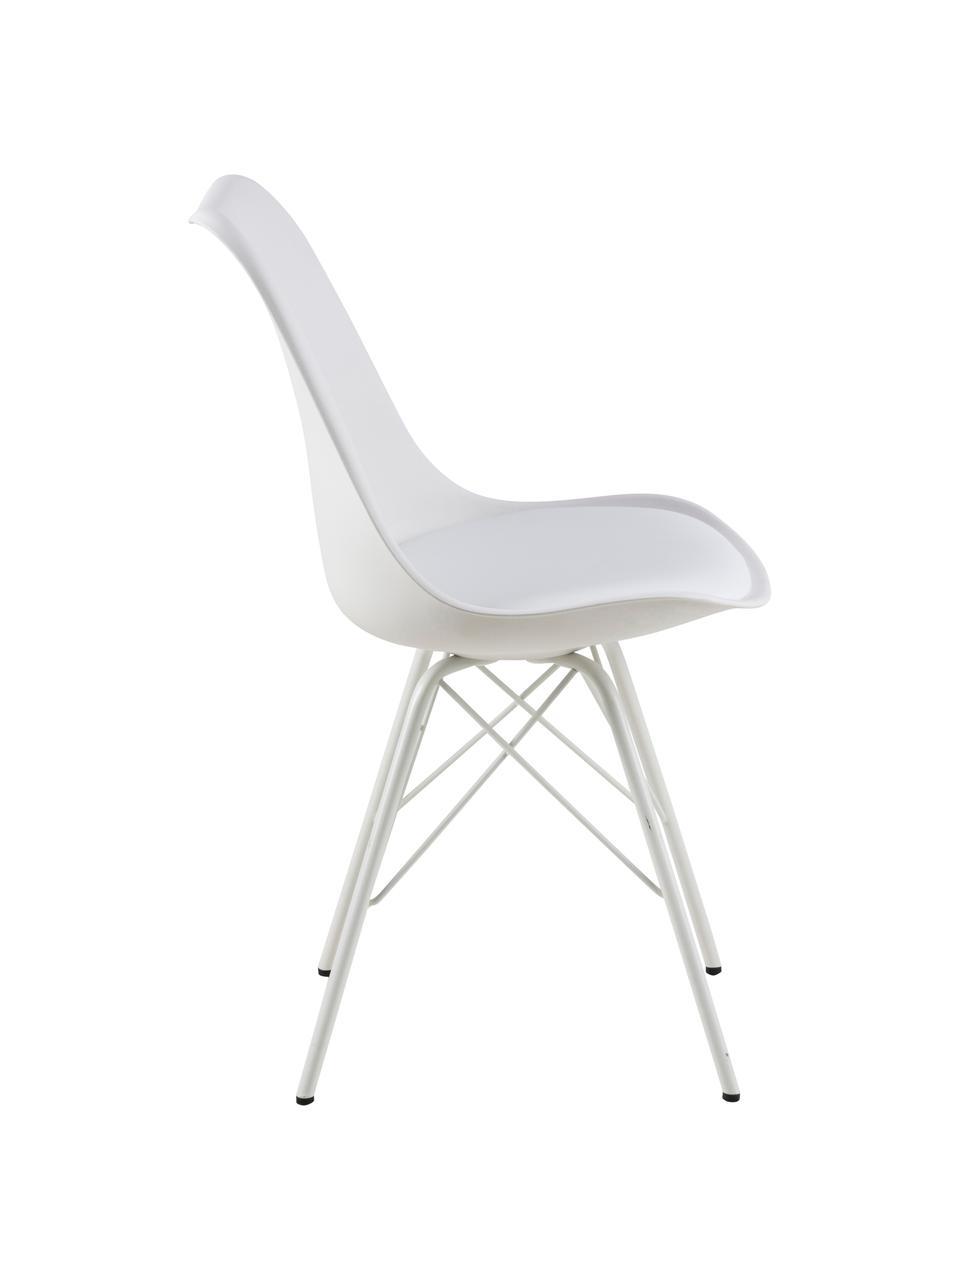 Kunststoff-Stühle Eris, 2 Stück, Sitzschale: Kunststoff, Beine: Metall, pulverbeschichtet, Weiß, B 49 x T 54 cm